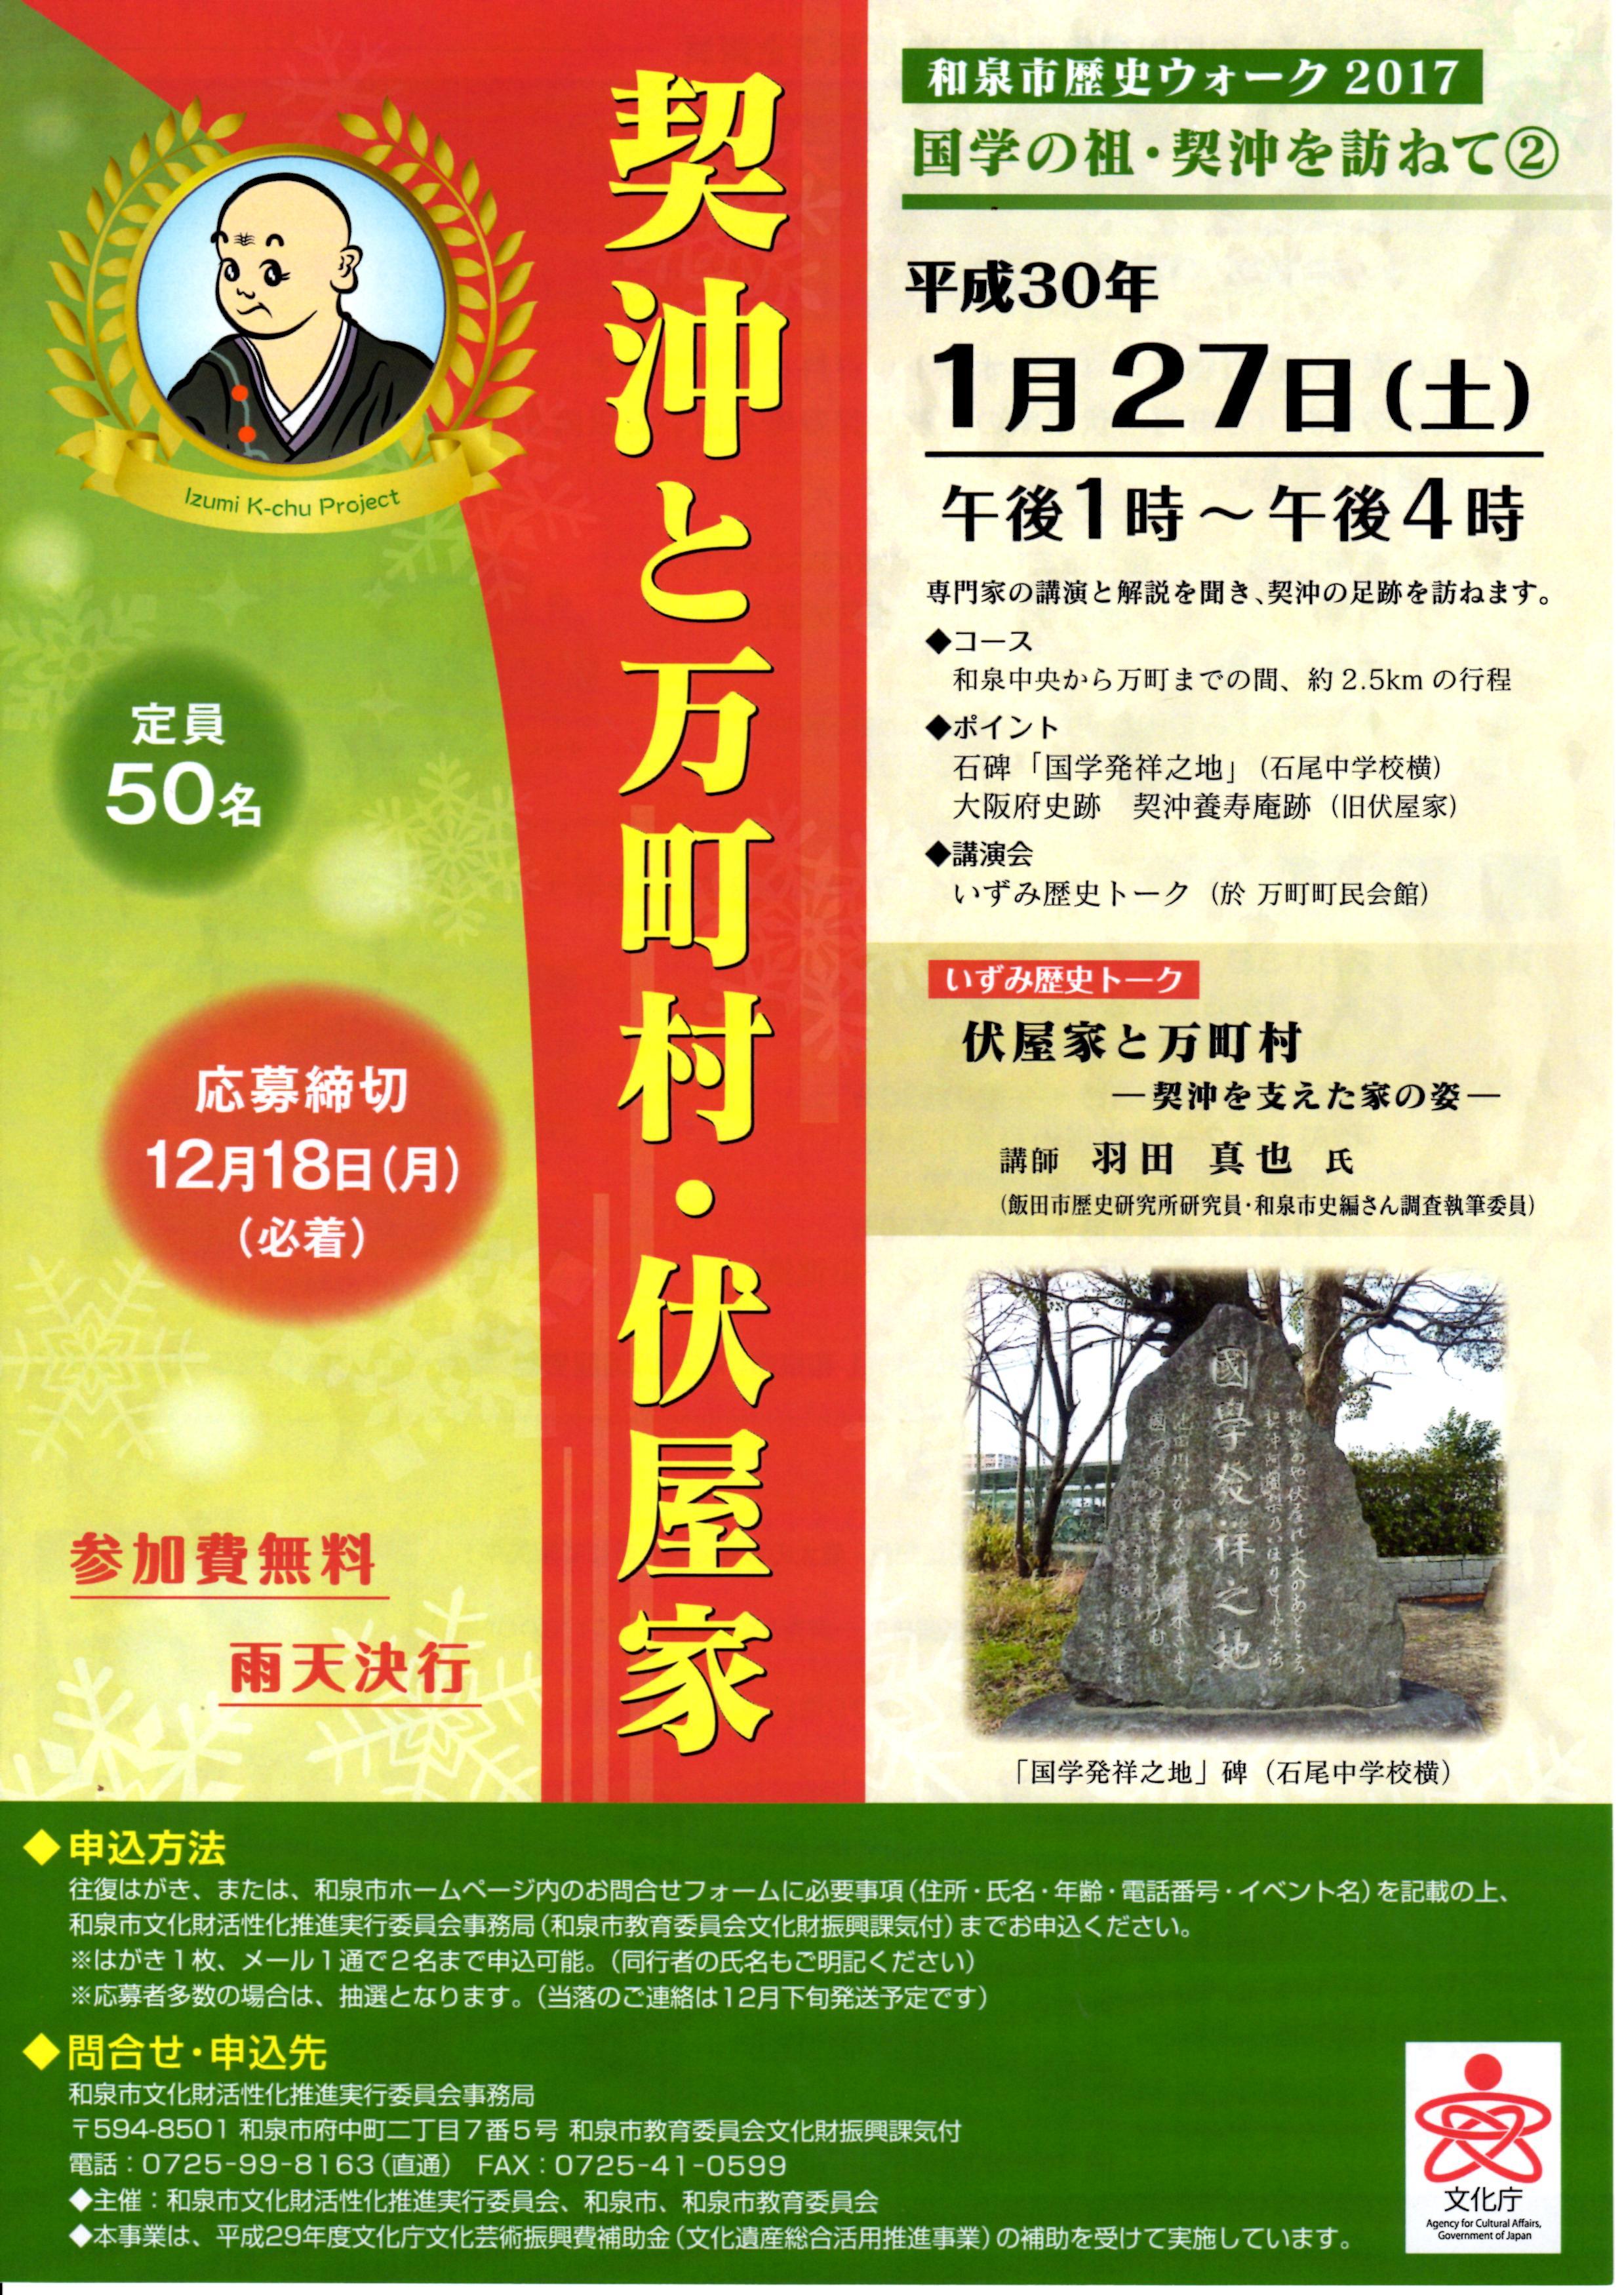 1月27日(土)開催!【和泉市歴史ウォーク2017 国学の祖・契沖を訪ねて②】